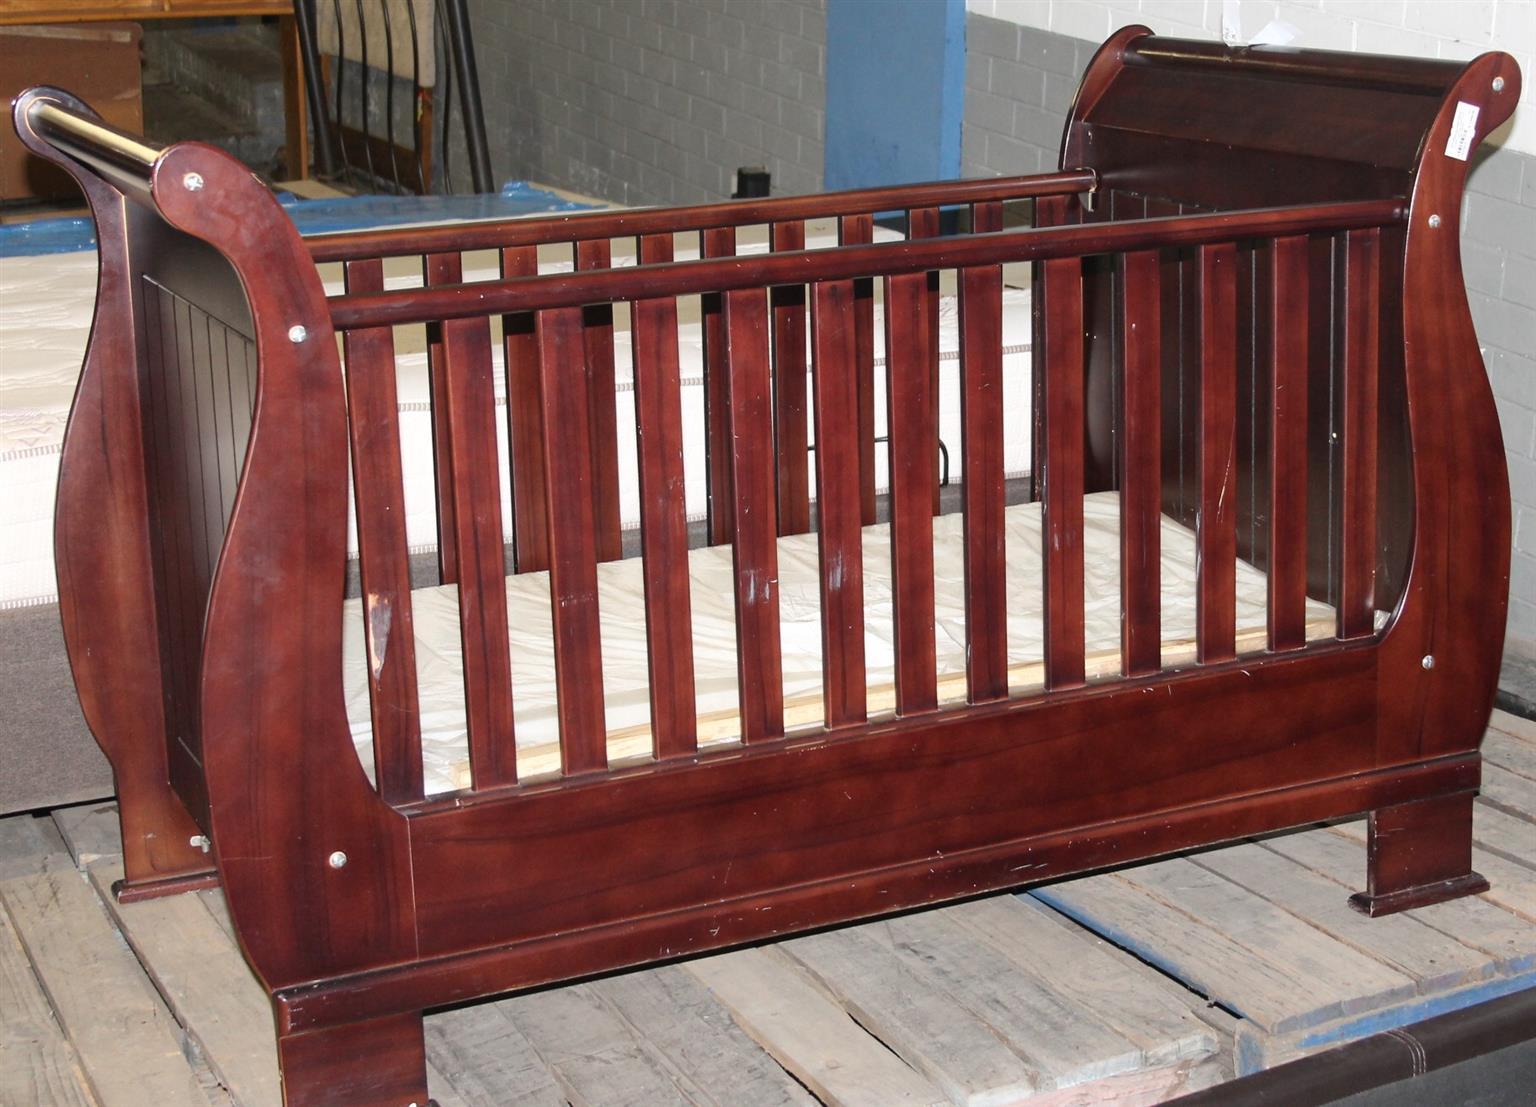 Wooden baby cot S027857a #Rosettenvillepawnshop